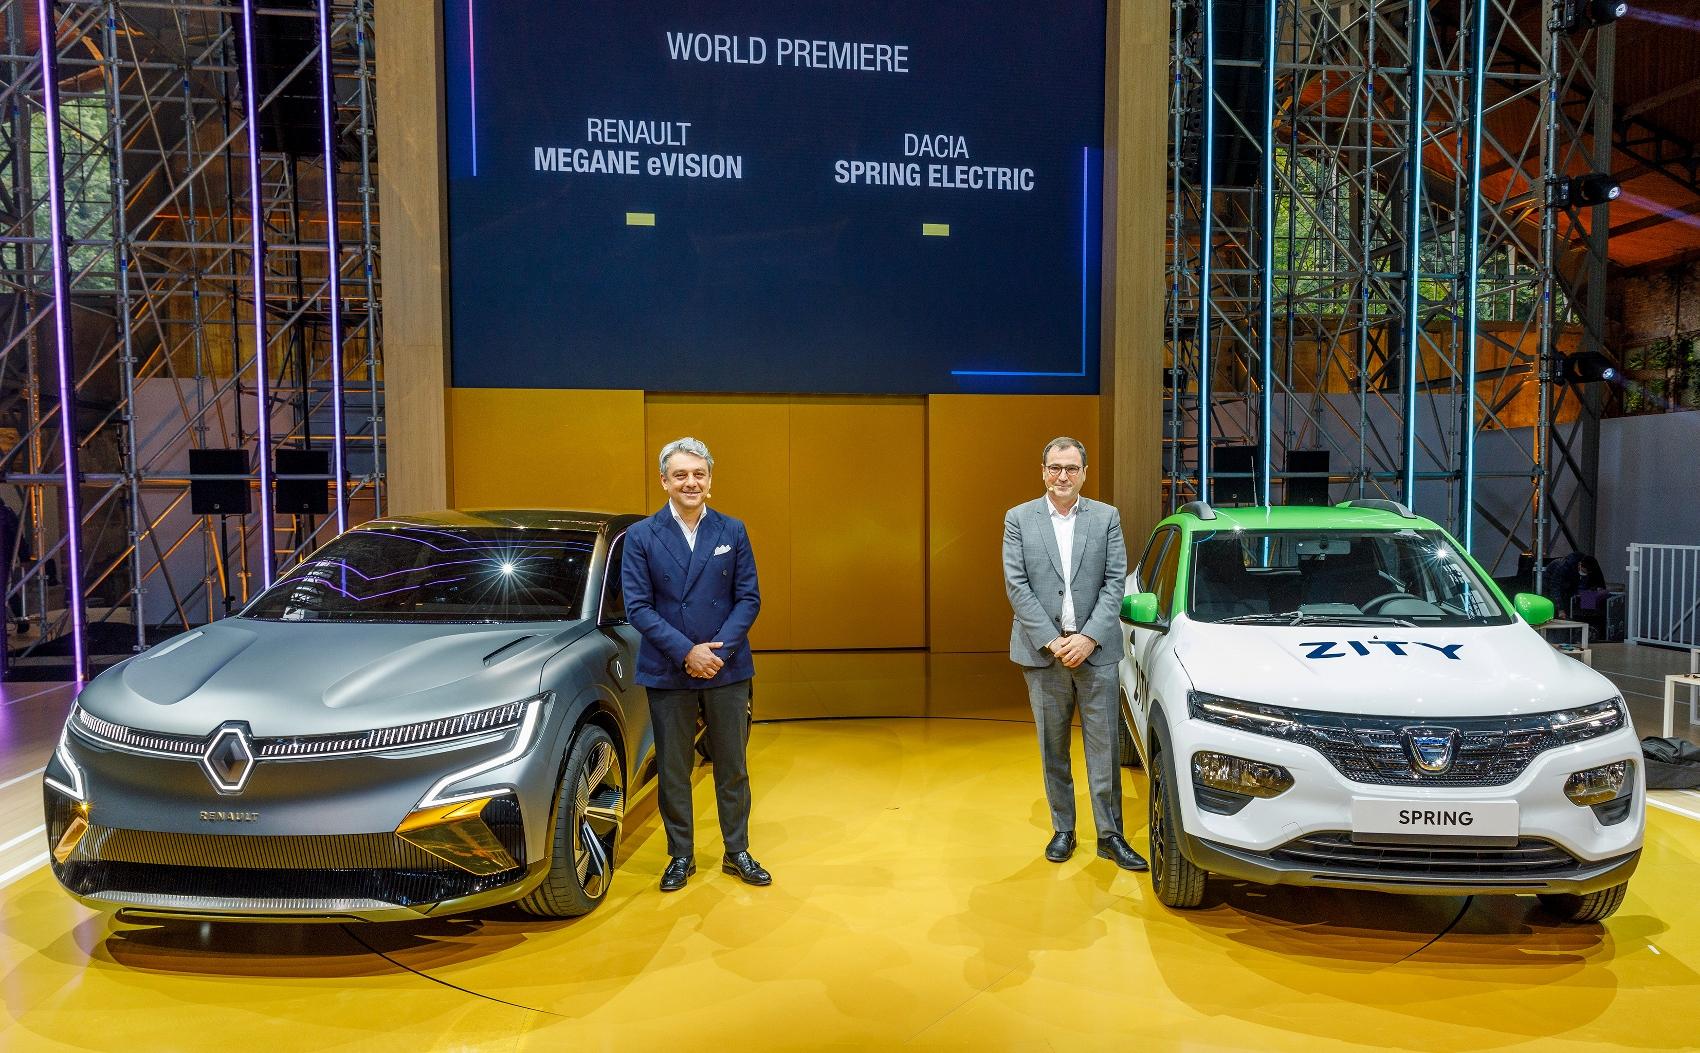 Nová elektrická Dacia Spring bude superlacná M9505mKbfm 2020-renault-eways-press-conference-10-1700x